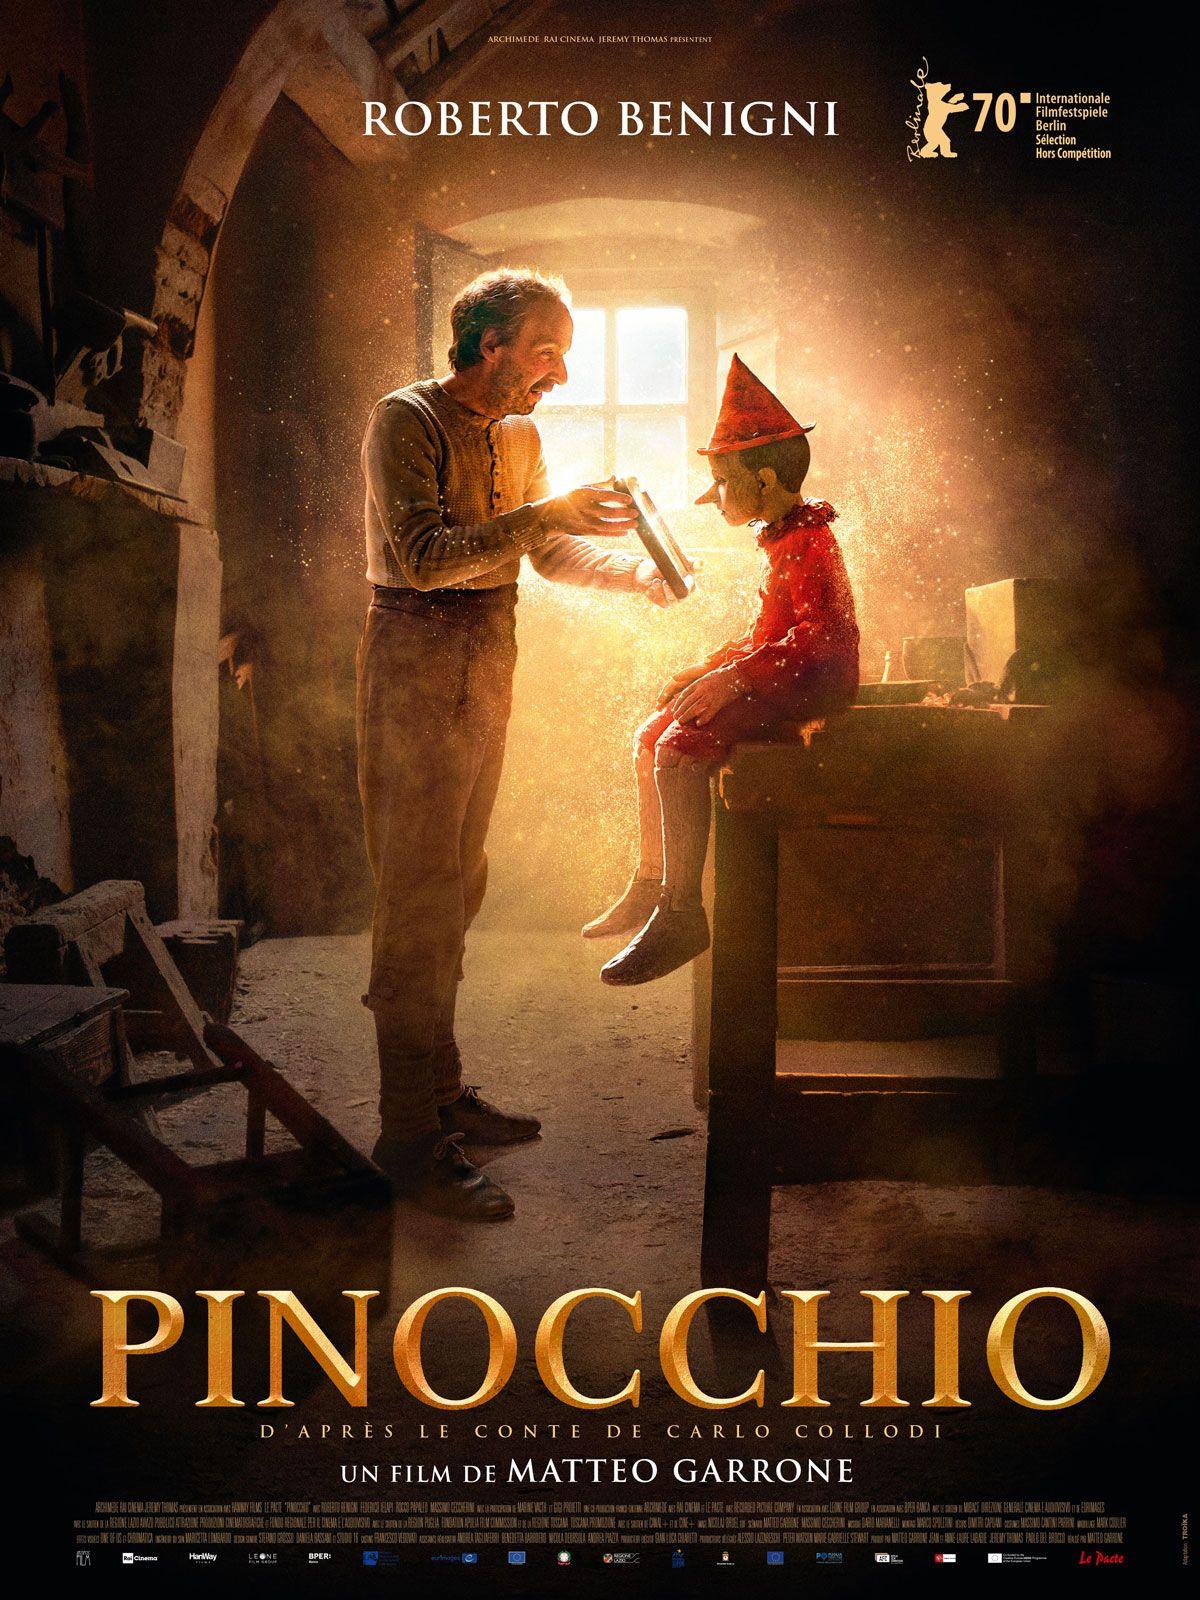 Pinocchio 2020 Pinocchio Film Film Fantastique